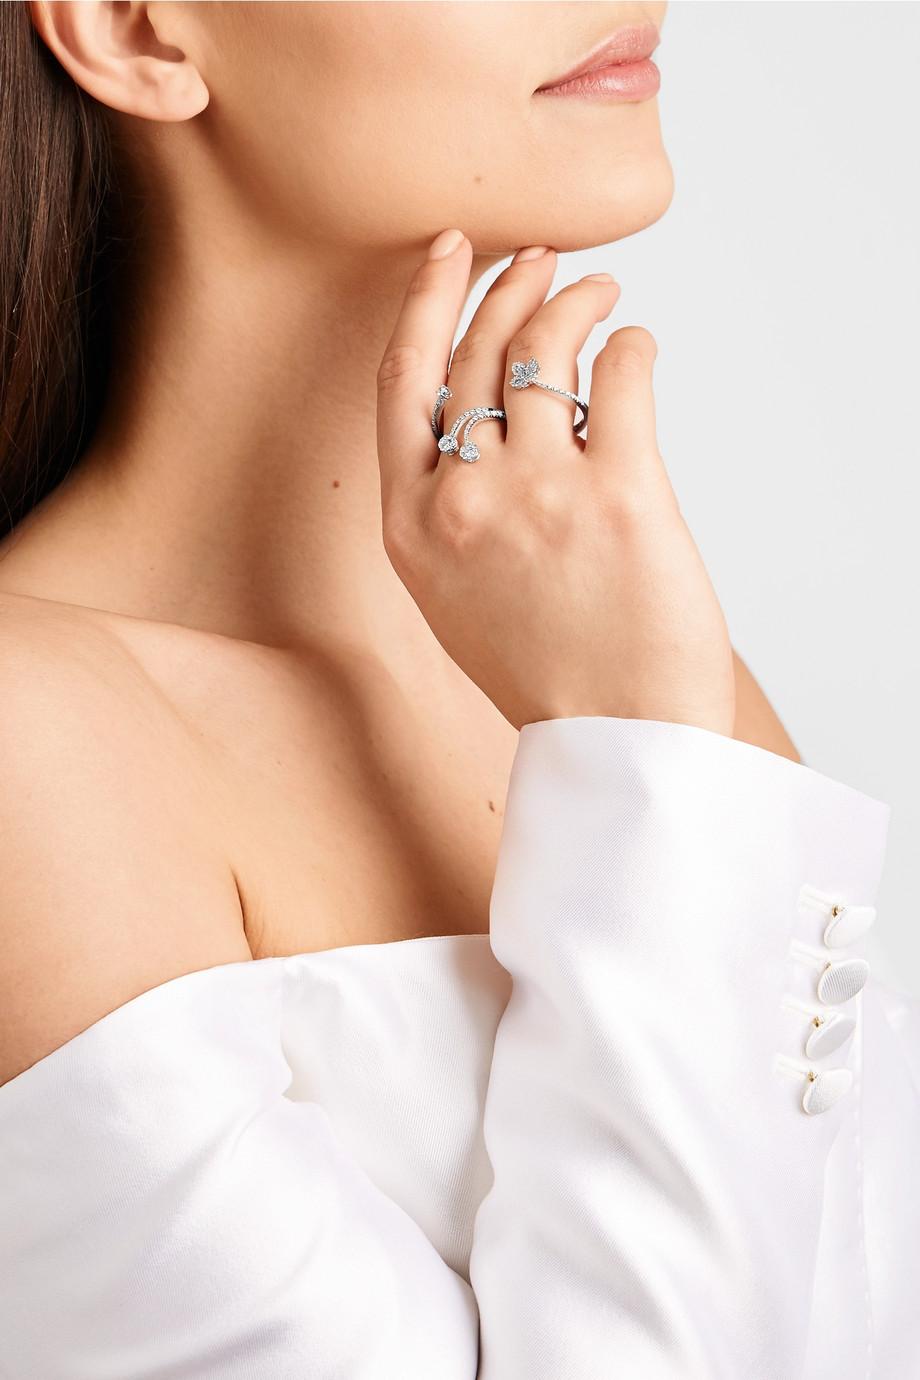 تسوقي خواتم الماس المرفقة لتتميزي باطلالتك